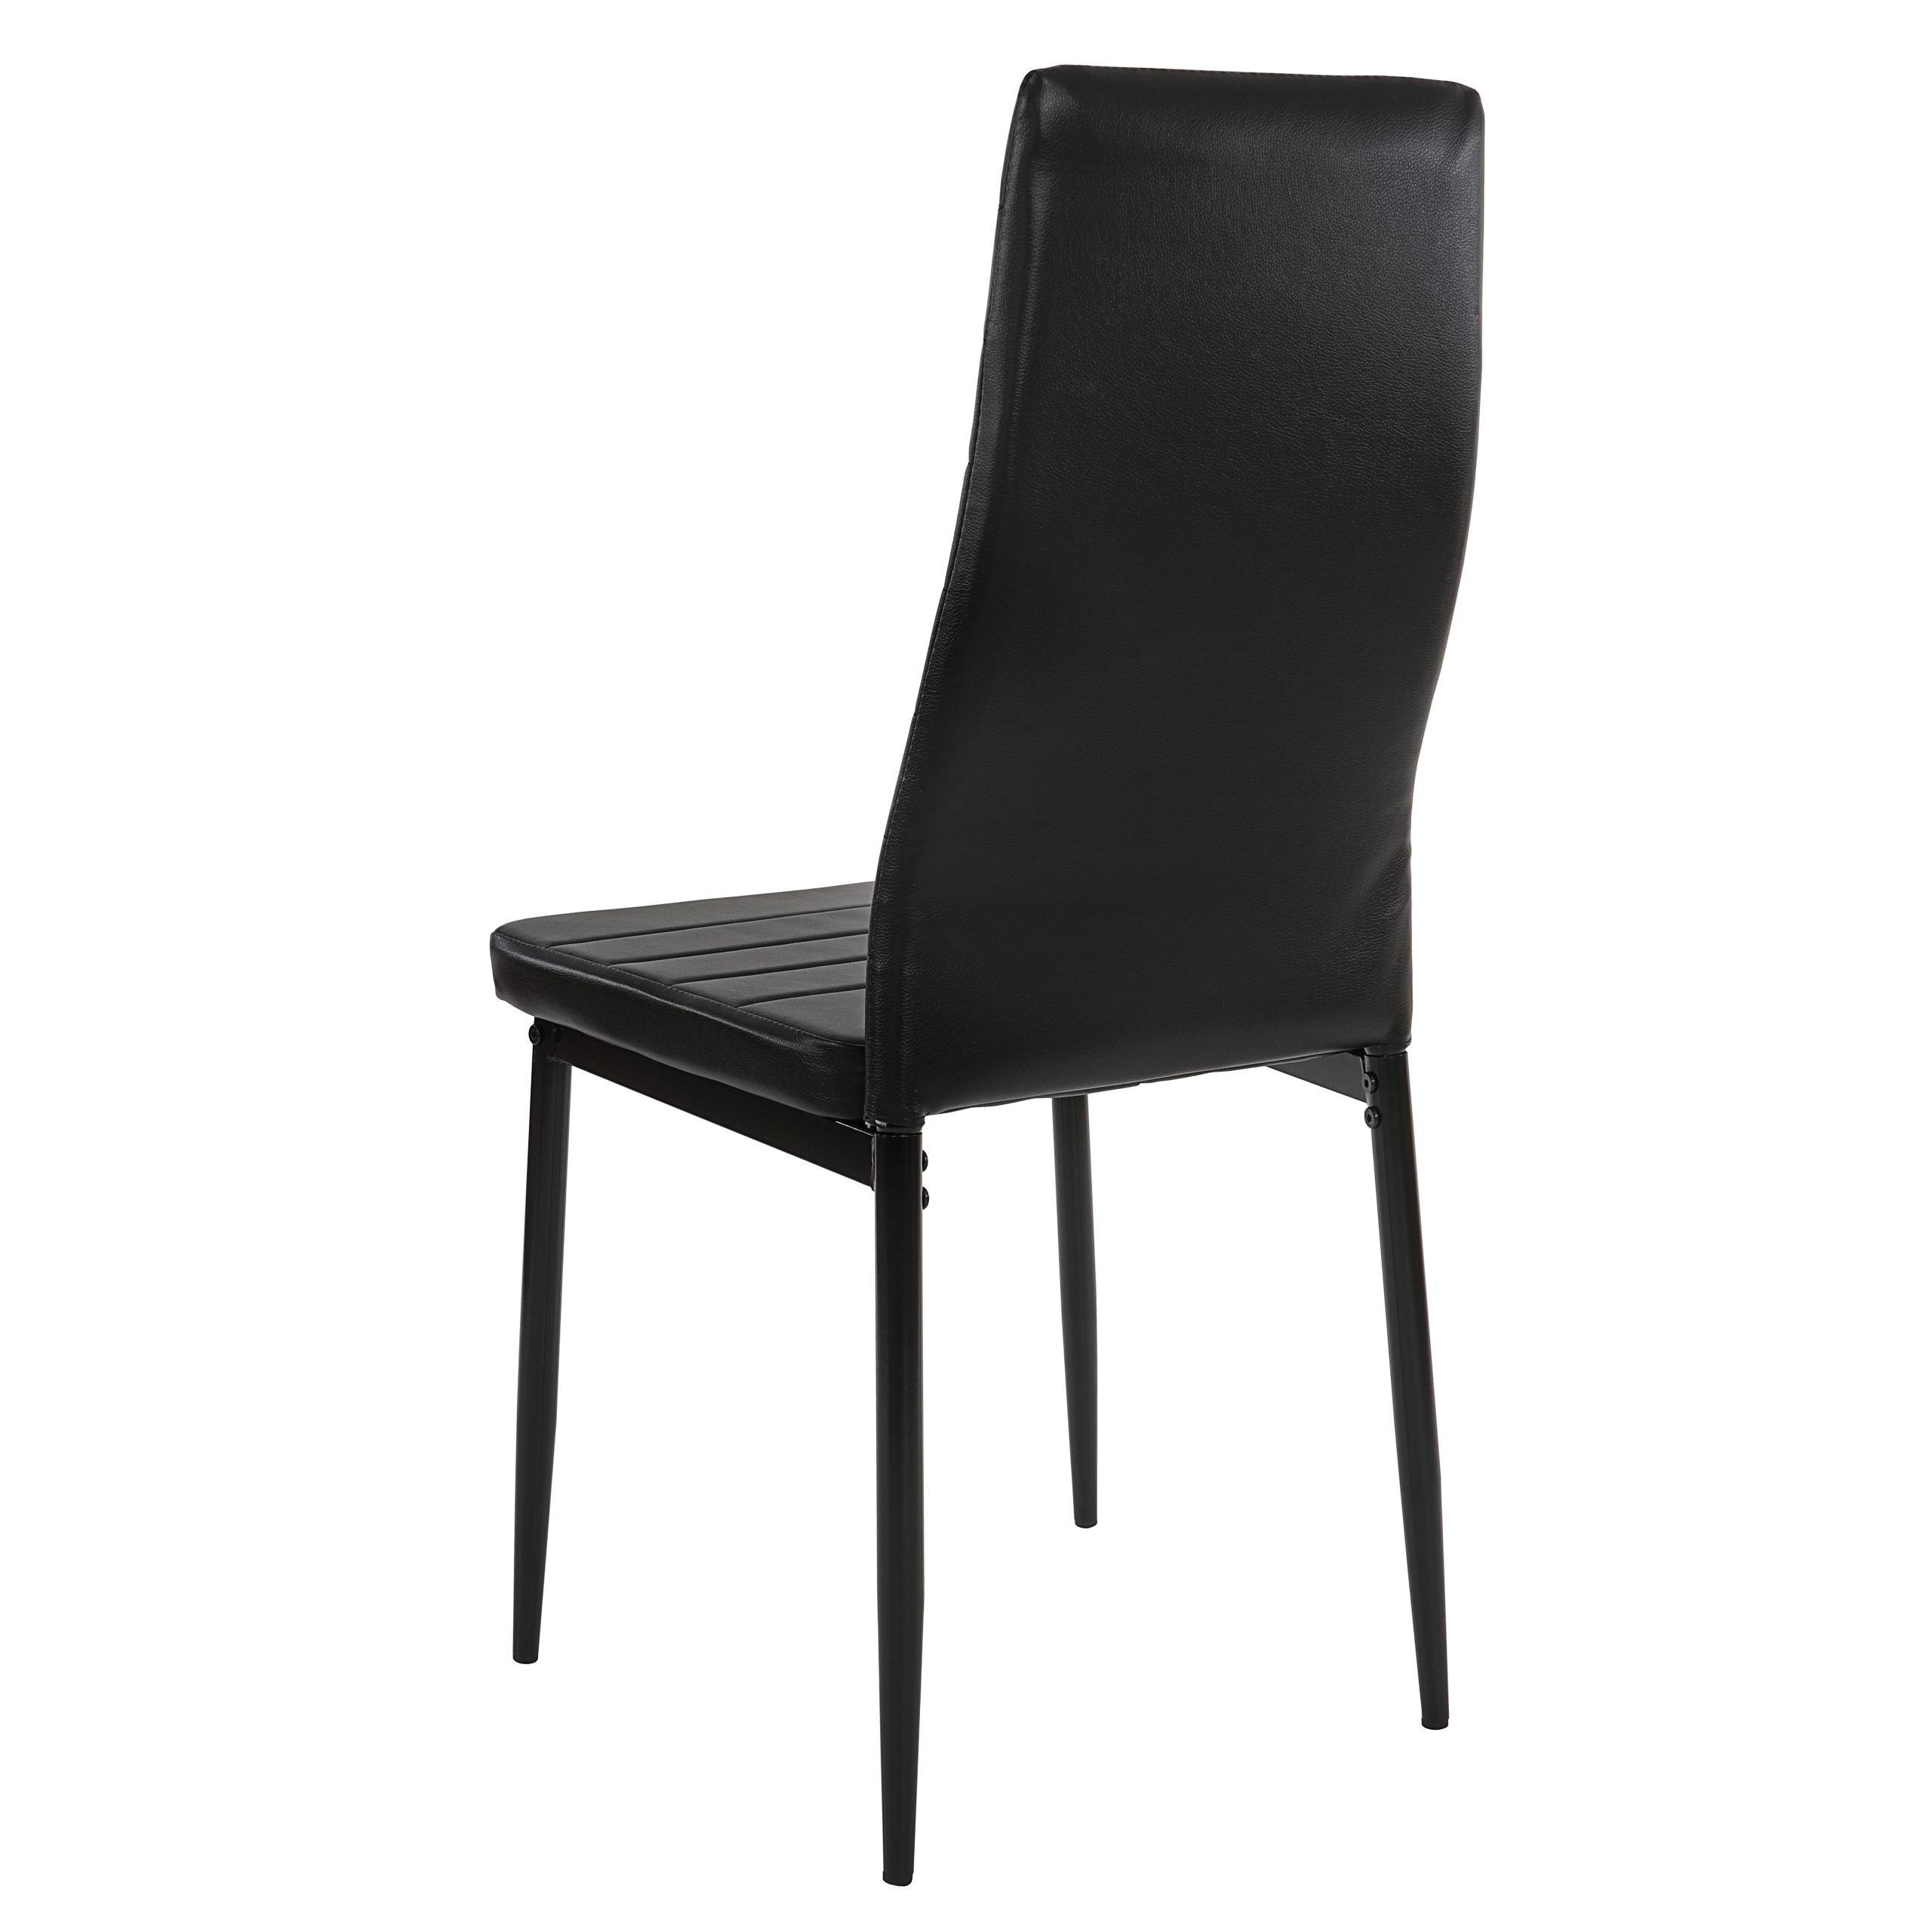 Lote 6 sillas de comedor o cocina calisa gran dise o con for Sillas de cocina precios